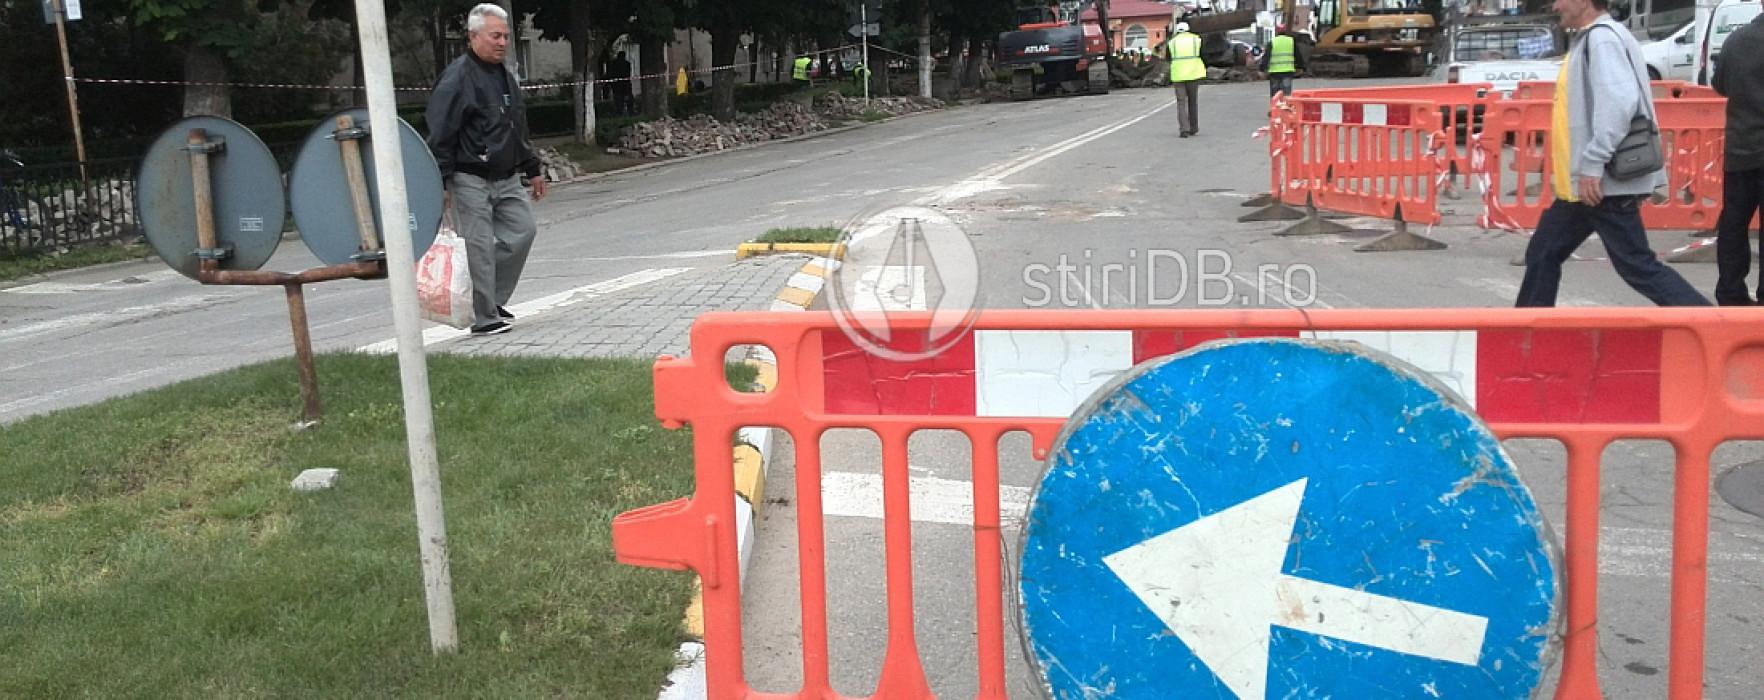 Restricţii de circulaţie în Târgovişte; vezi care sunt străzile